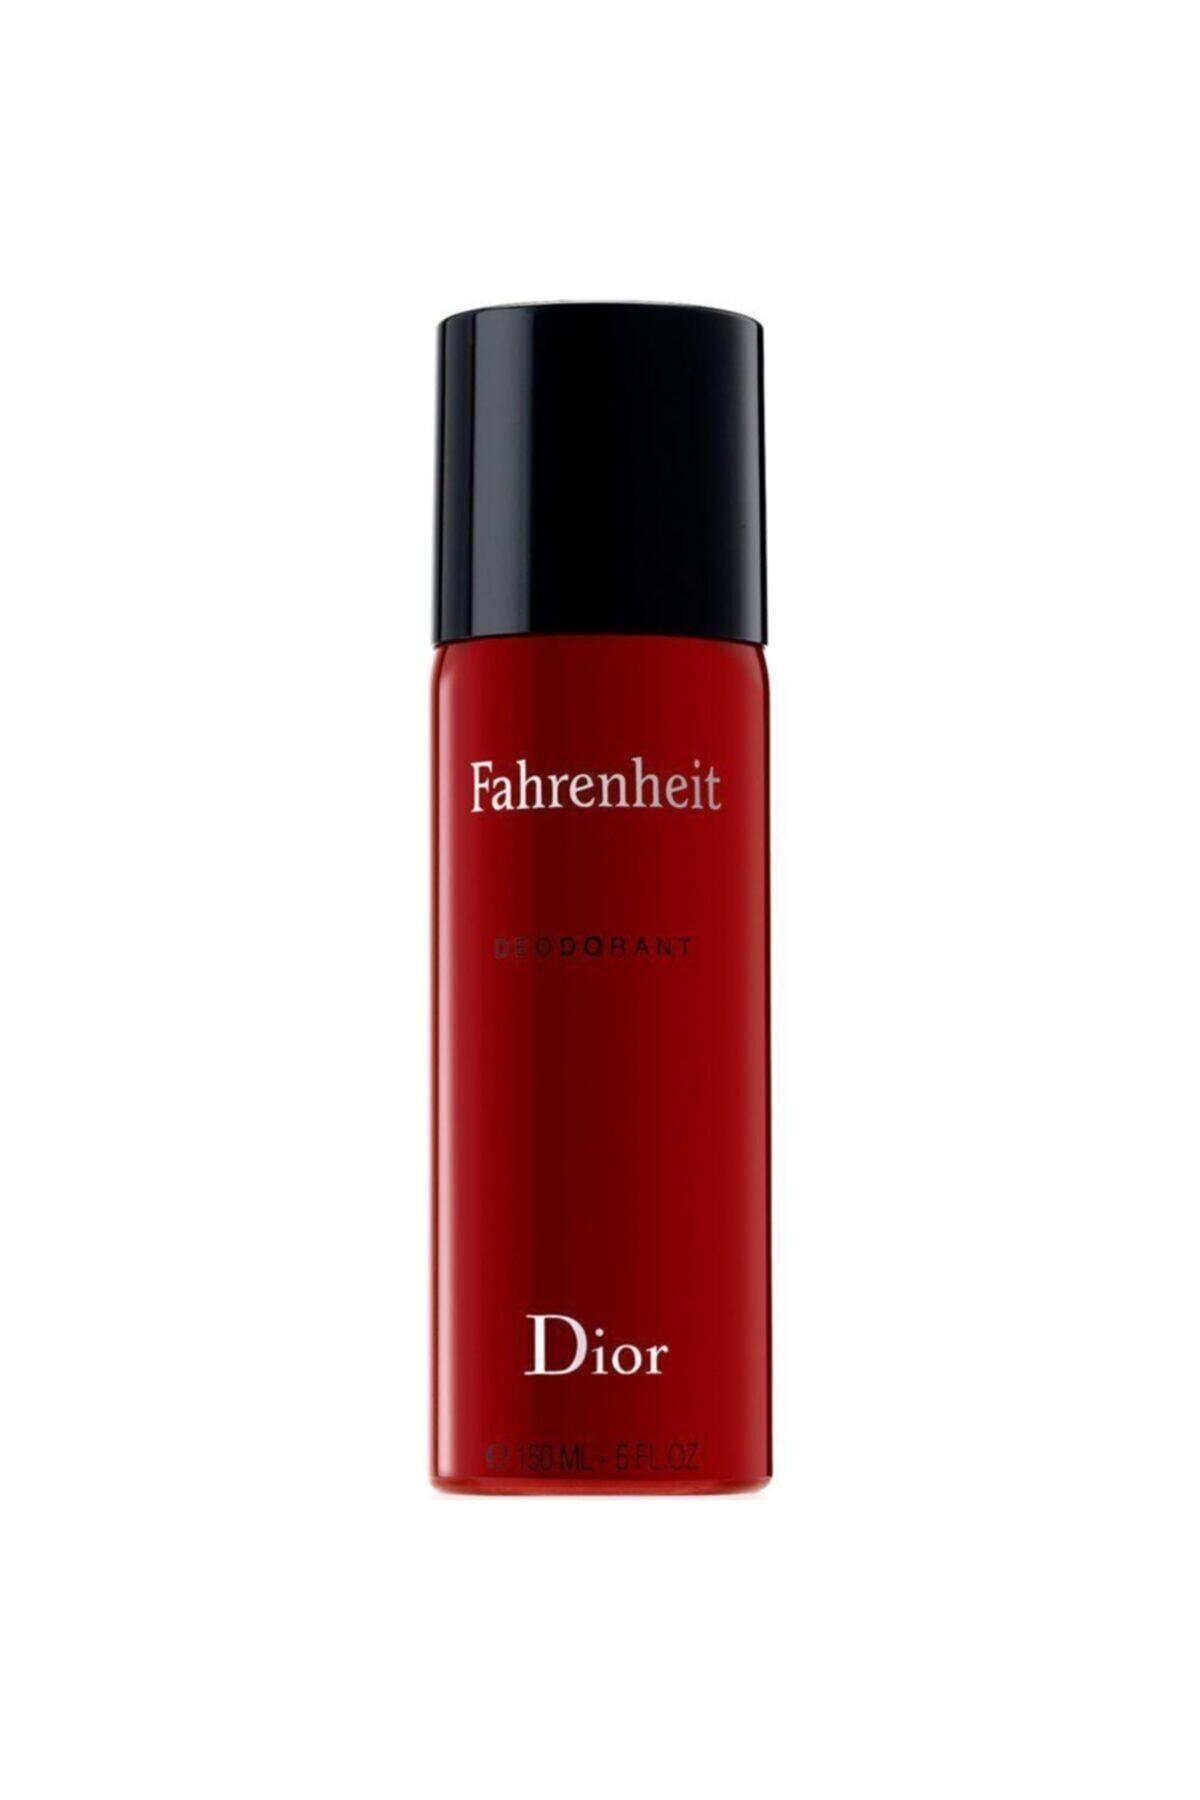 Christian Dior Fahrenheit 150 Ml Erkek Deodorant 1